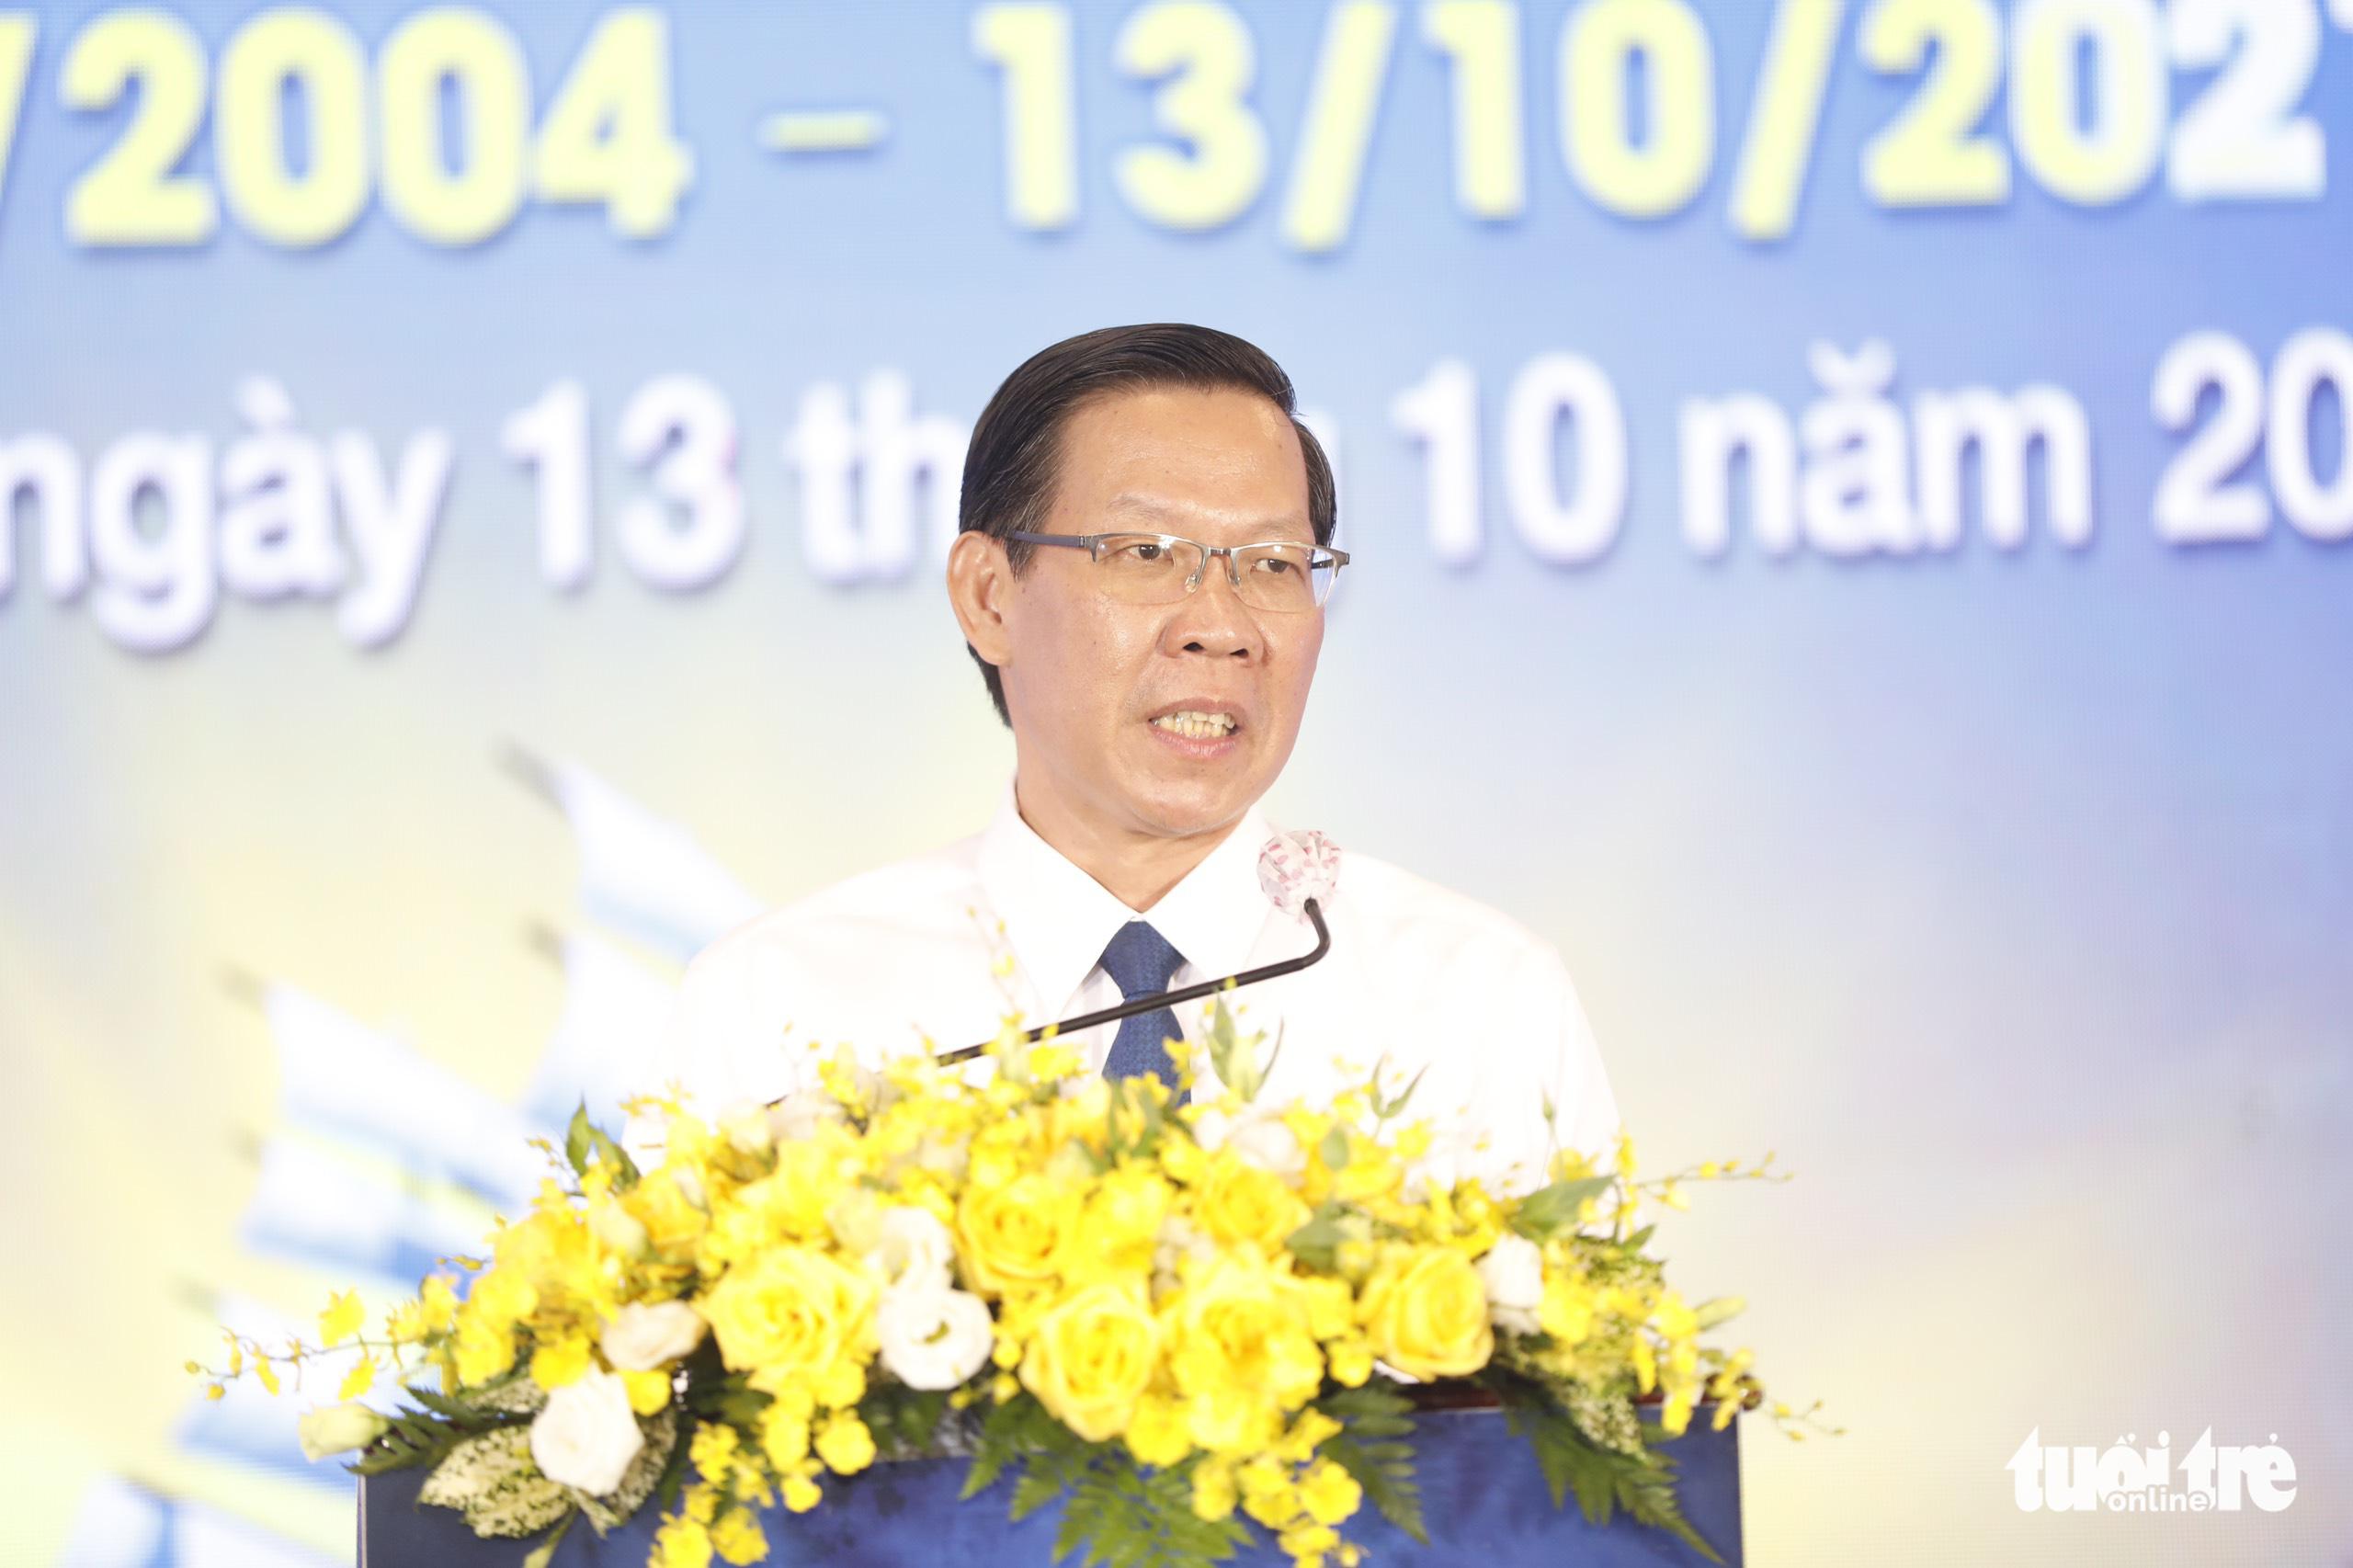 Chủ tịch UBND TP.HCM: Tôi đã trải qua quãng thời gian khó khăn nhất đời mình - Ảnh 1.